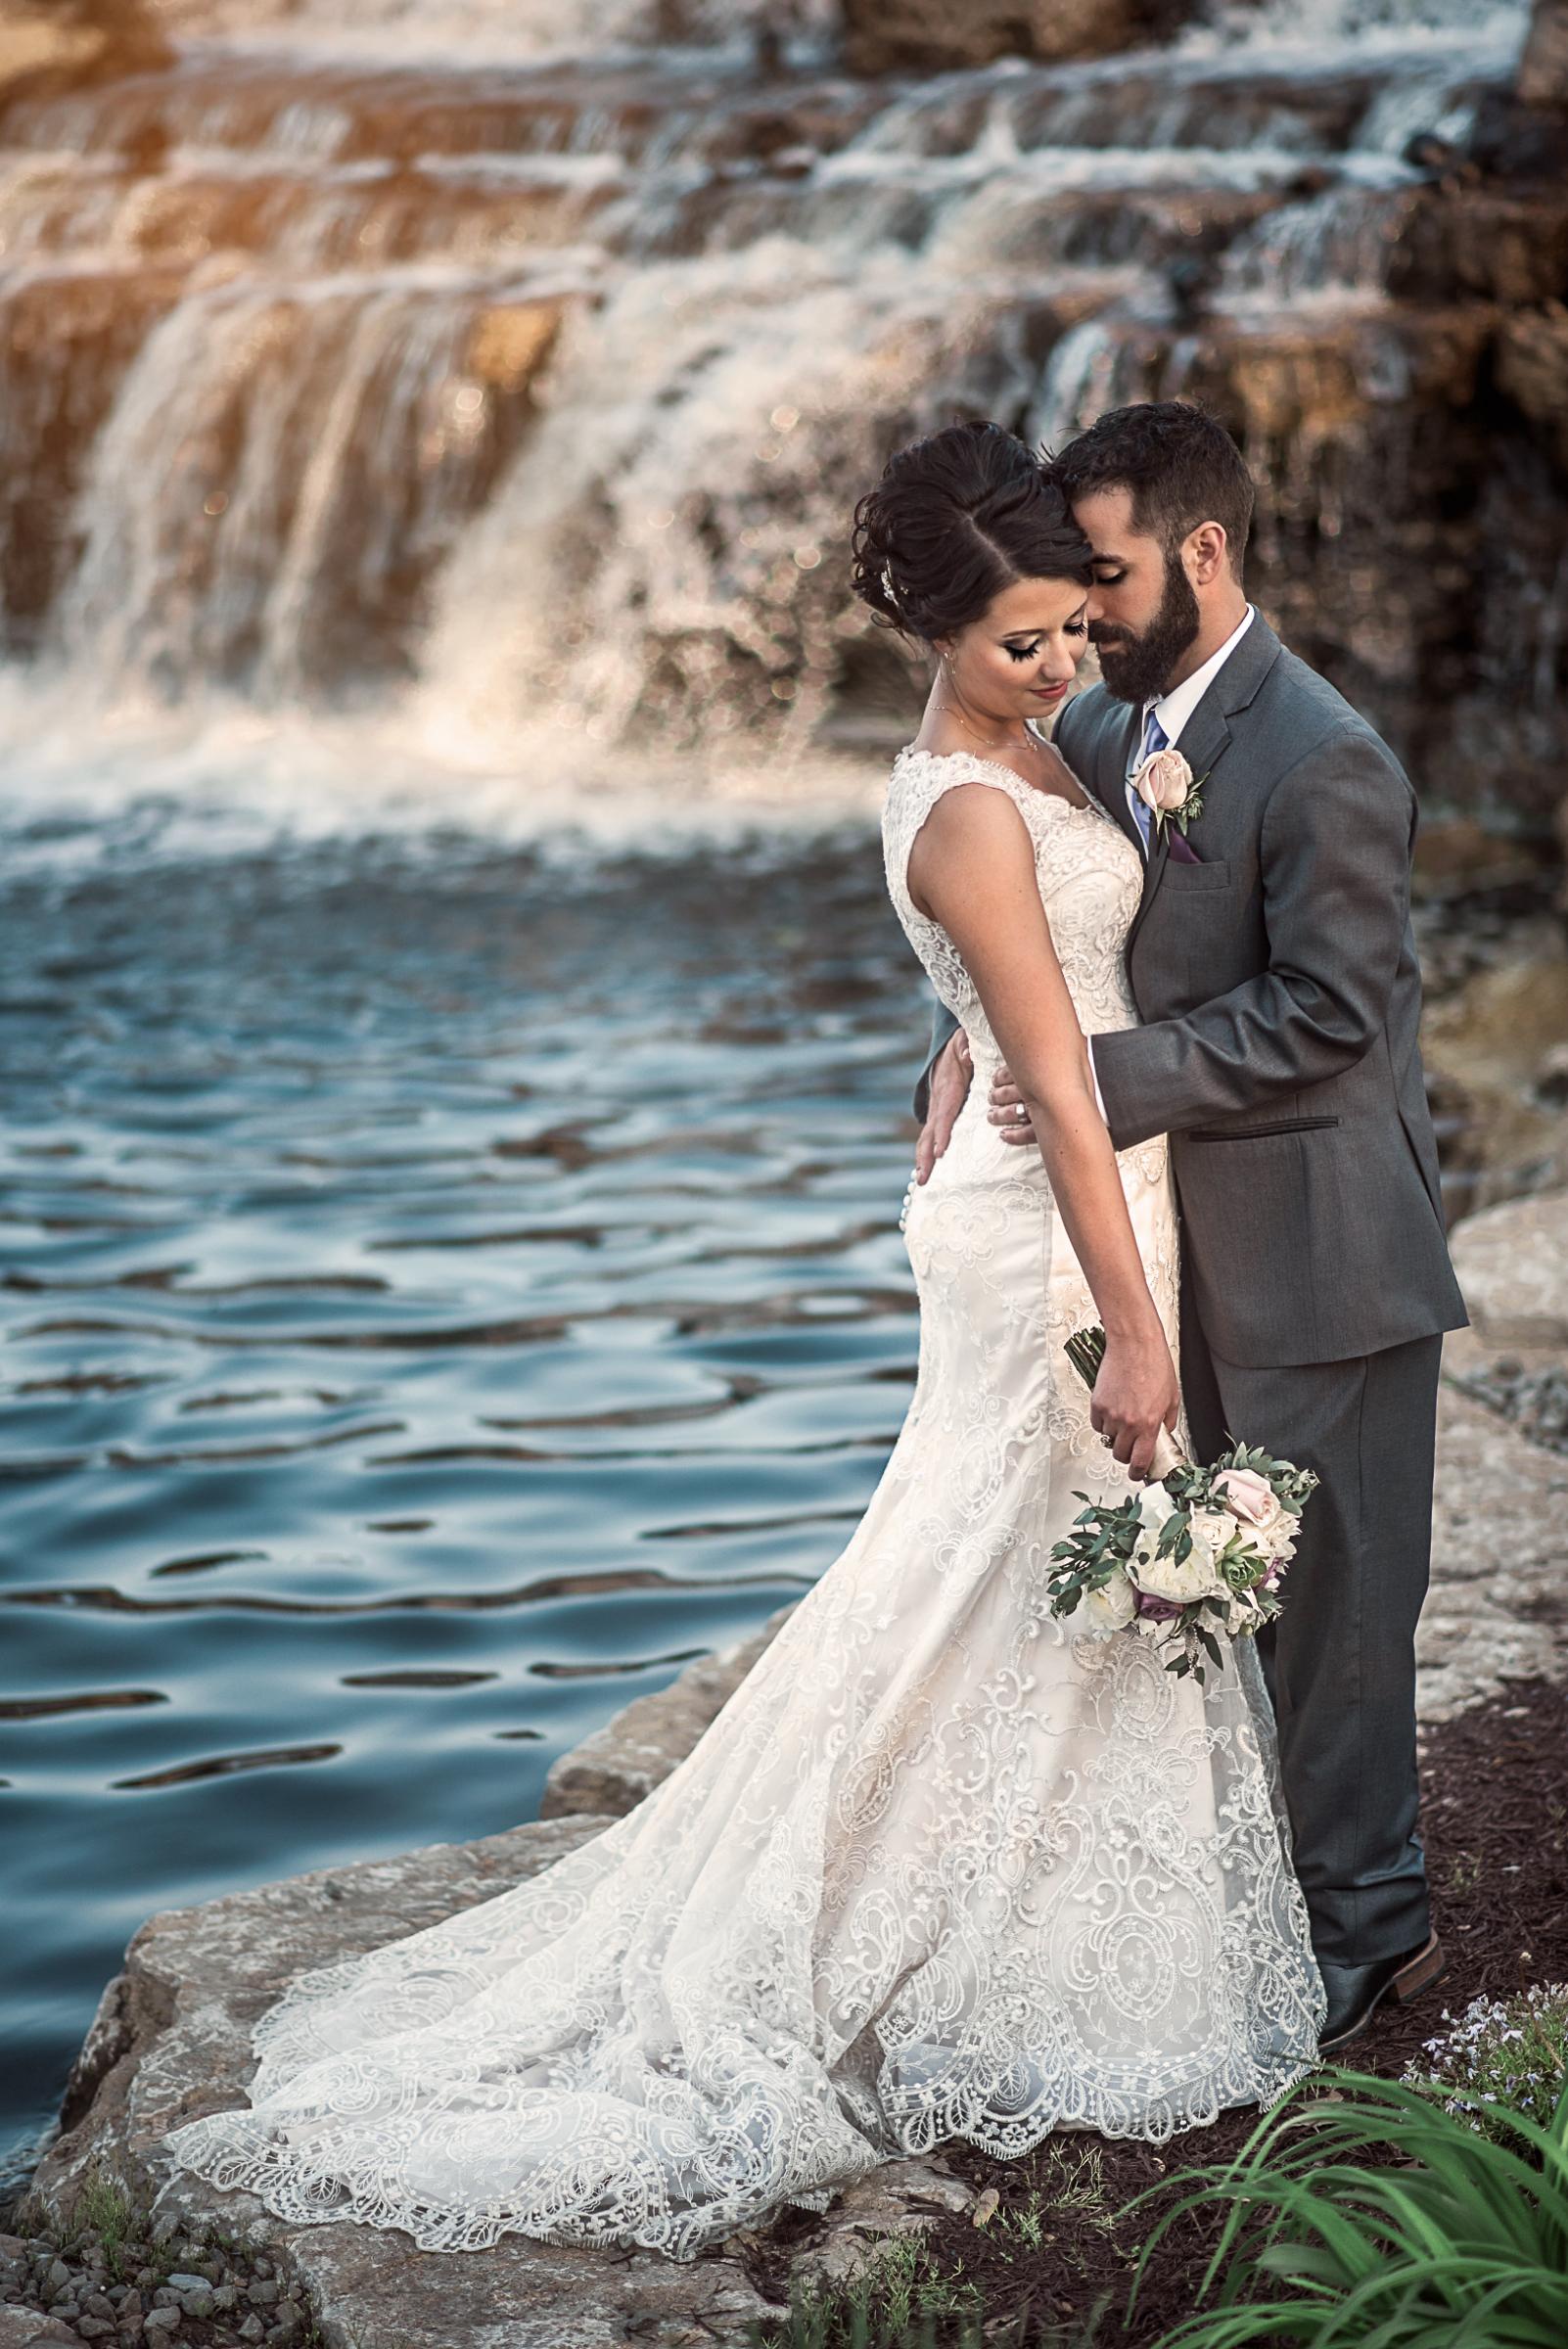 Elizabeth Lloyd Photography St. Louis Wedding Photography - Elizabeth Lloyd Photography